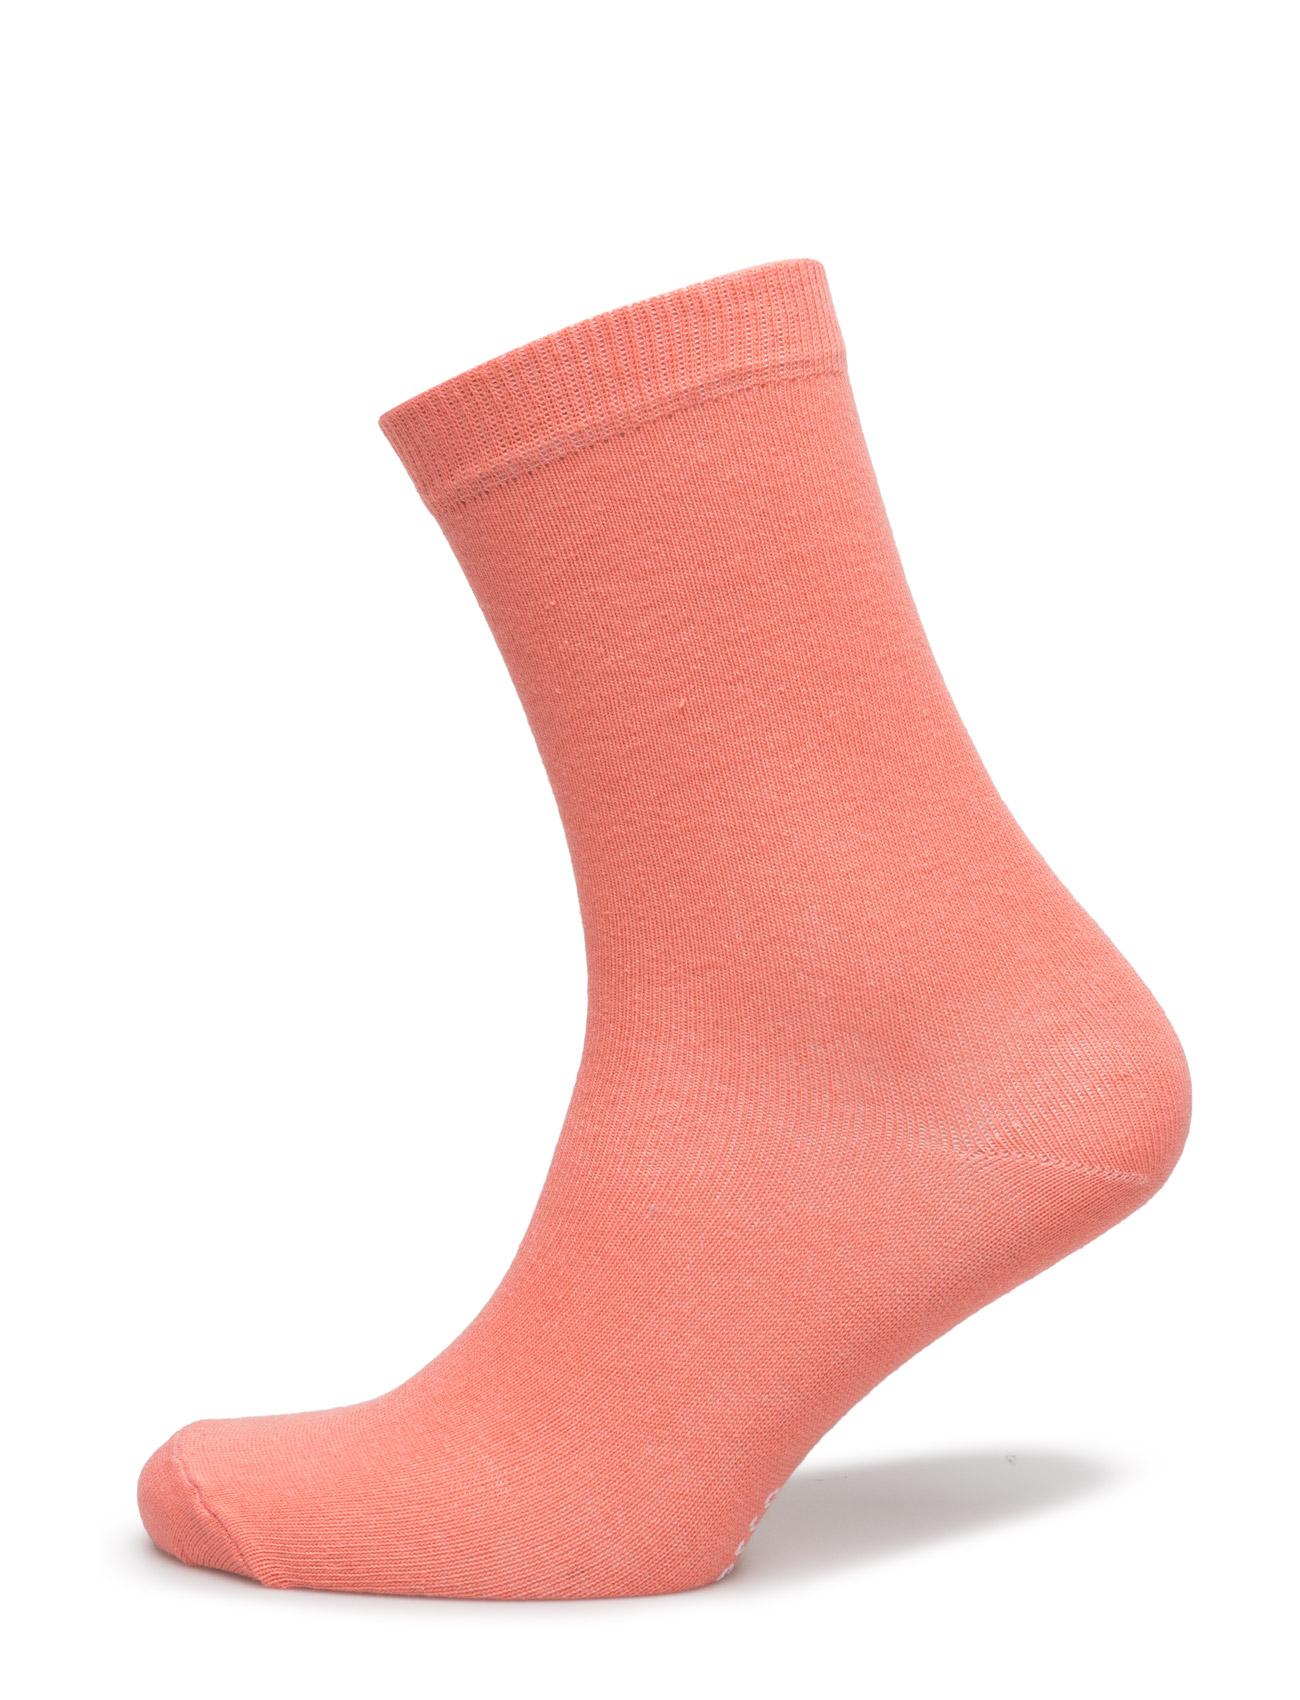 Ladies Sock Plain, Persimon TOPECO Strømpebukser til Damer i